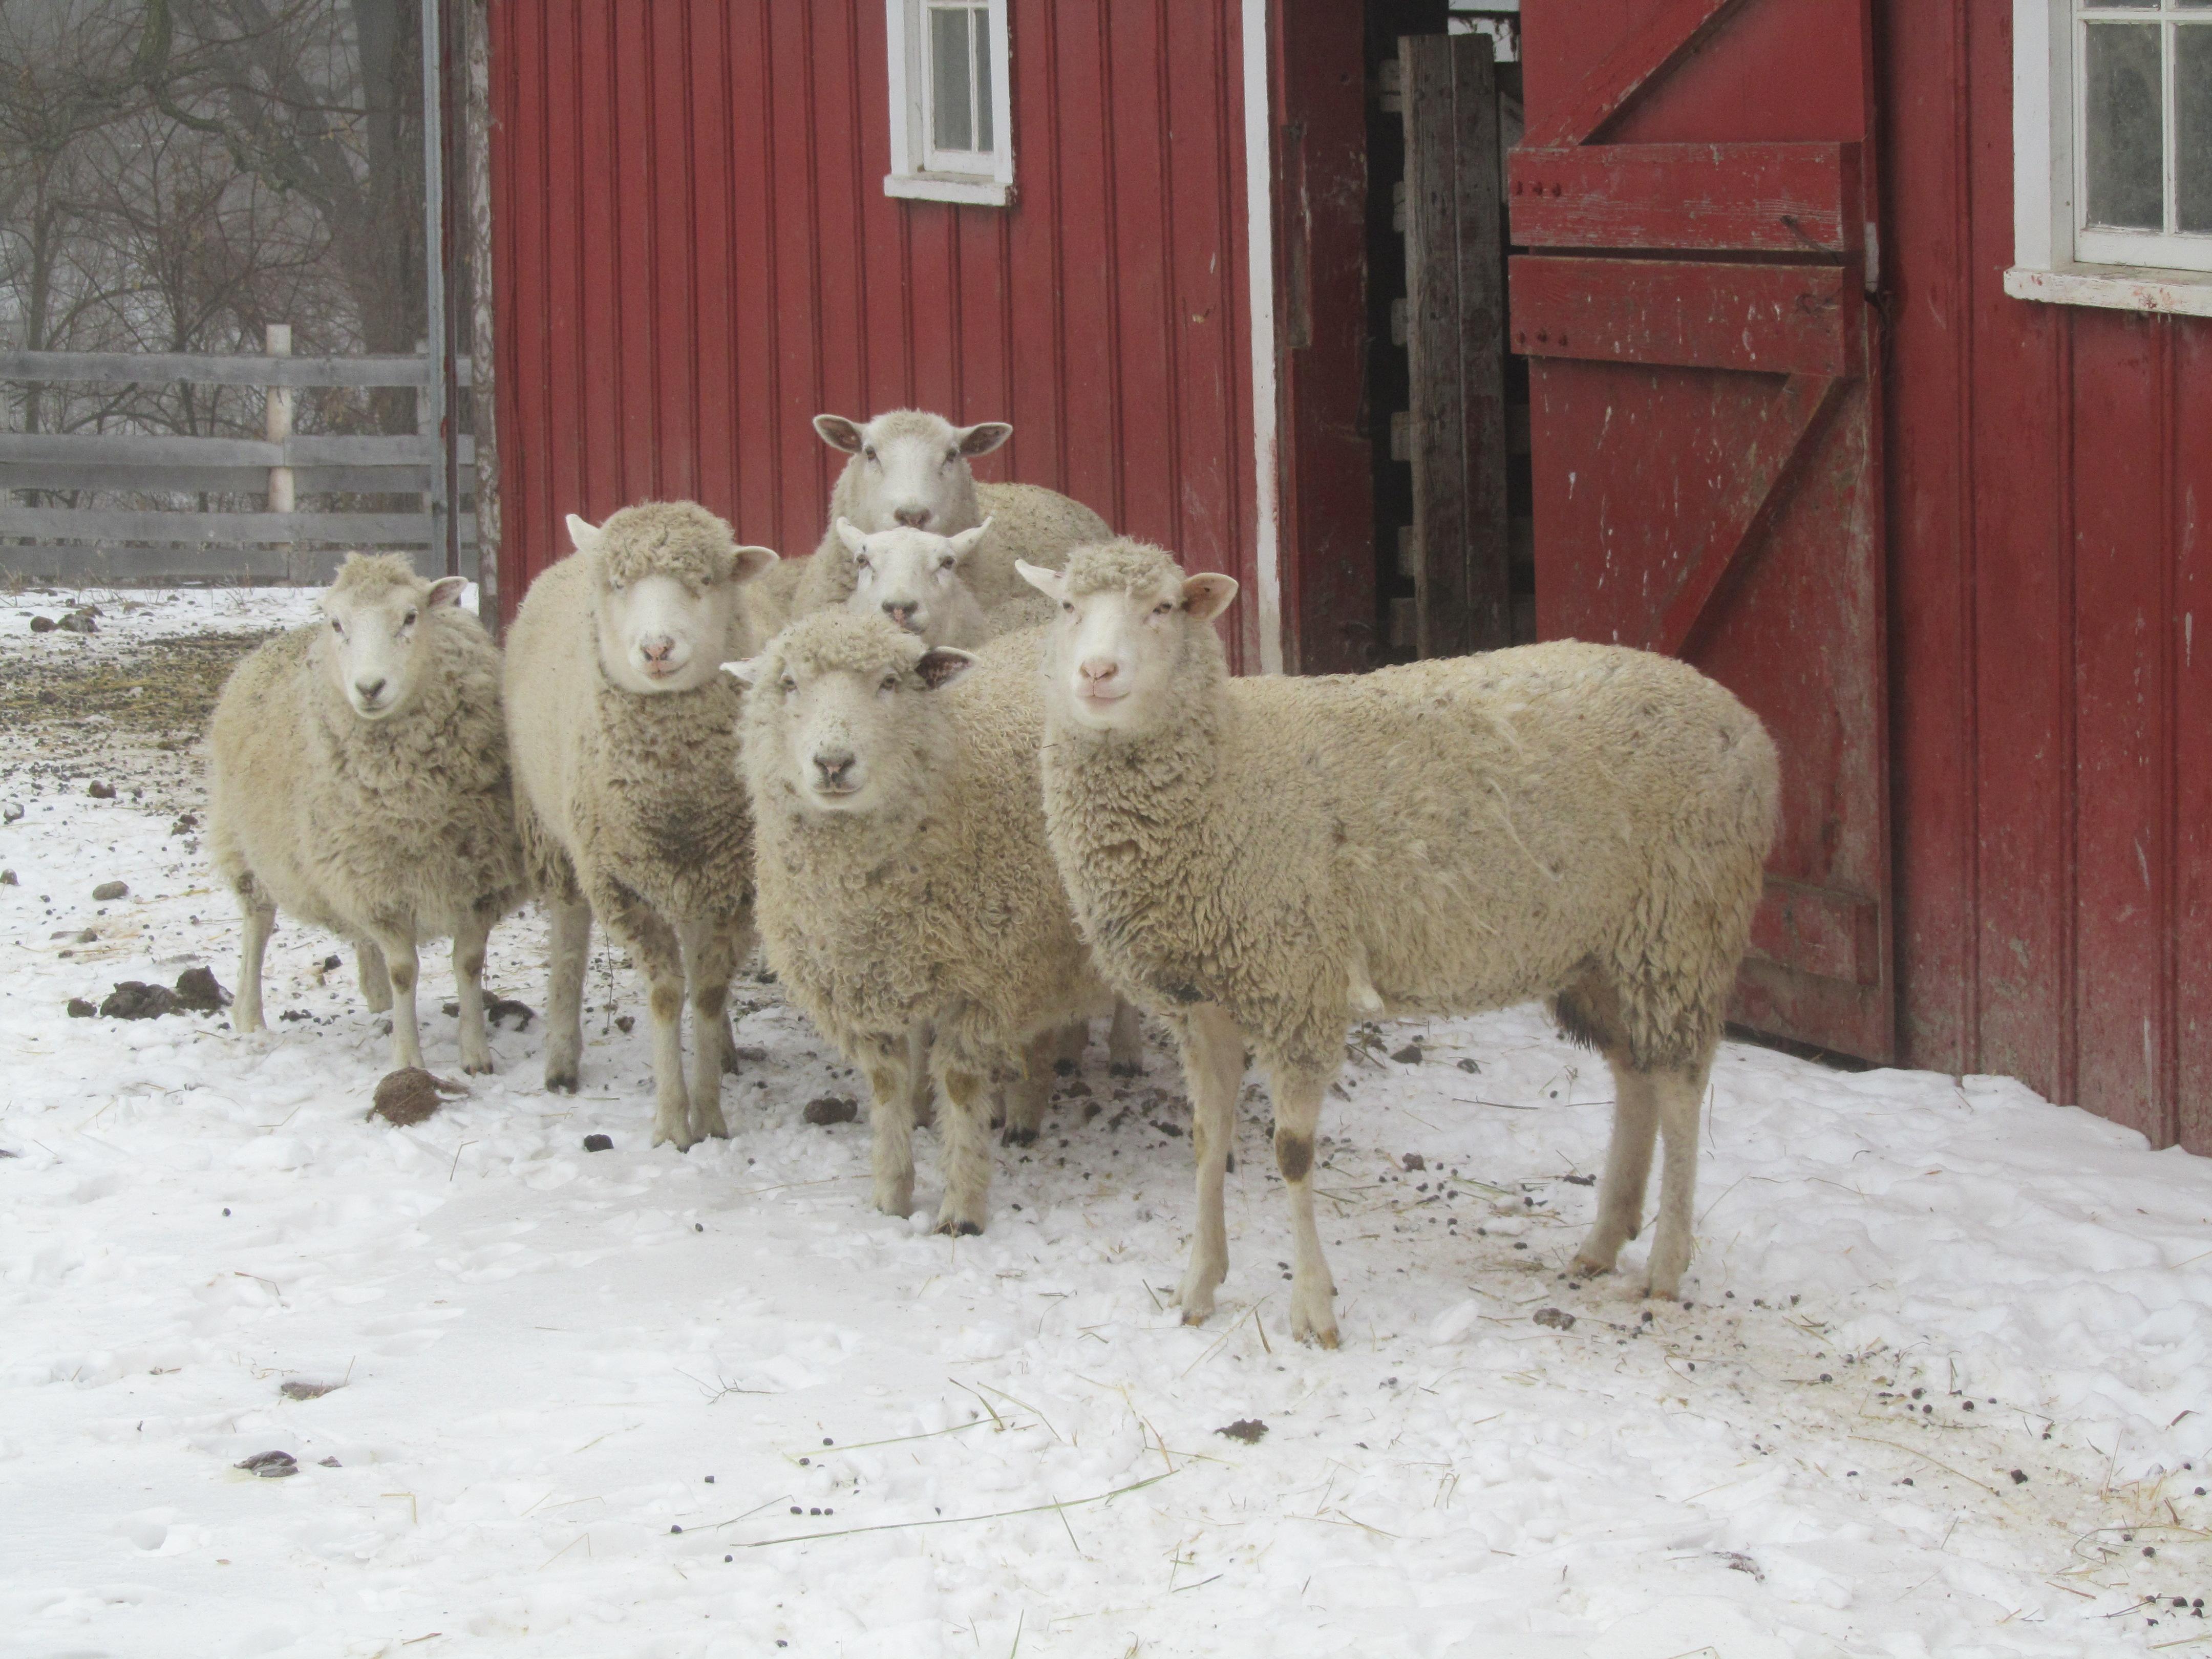 Keeping Warm On The Farm